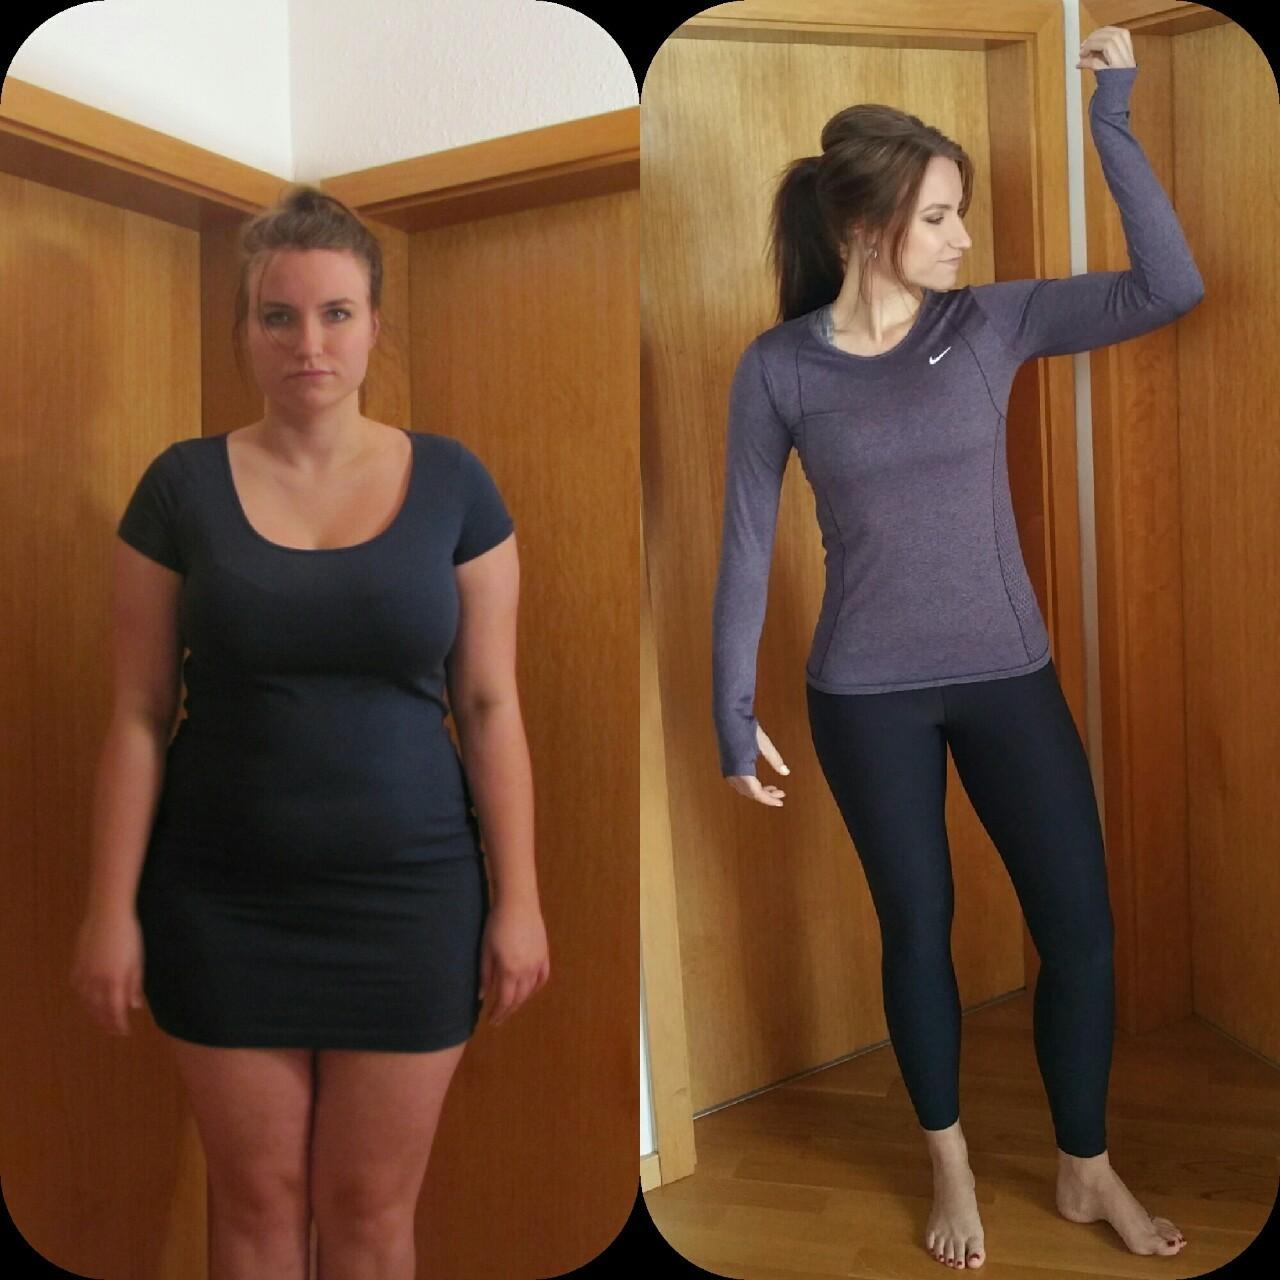 Эффективно И Заметно Похудеть. Быстрое похудение: эффективные методы снижения веса для мужчин и женщин